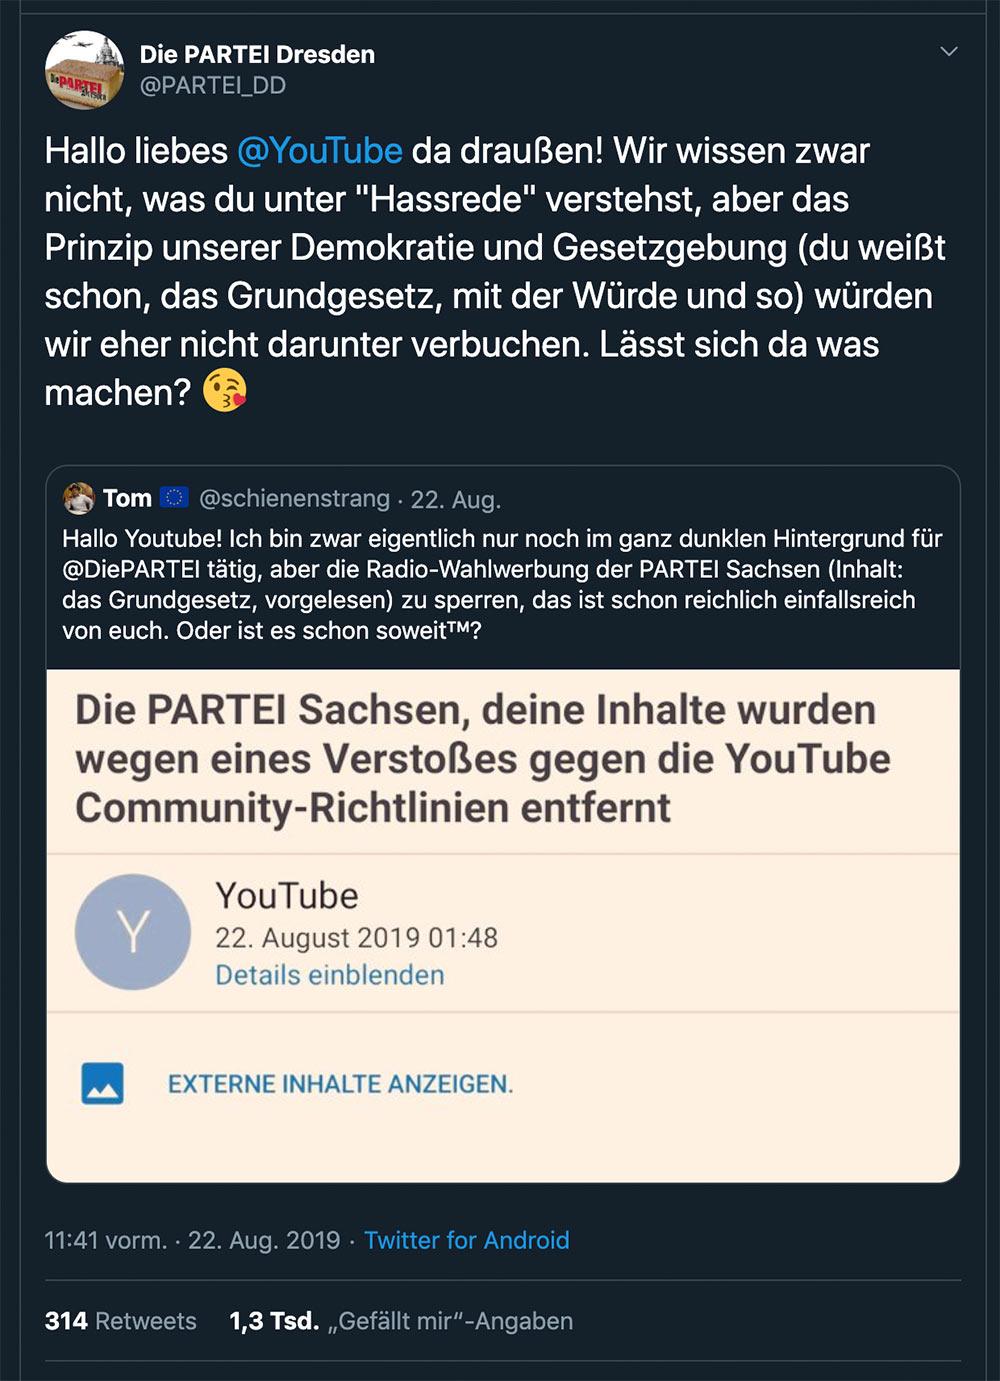 die partei grundgesetz hassrede youtube uploadfilter fail 2 - Youtube sagt, dass das deutsche Grundgesetz eine Hassrede ist und zensiert es darum